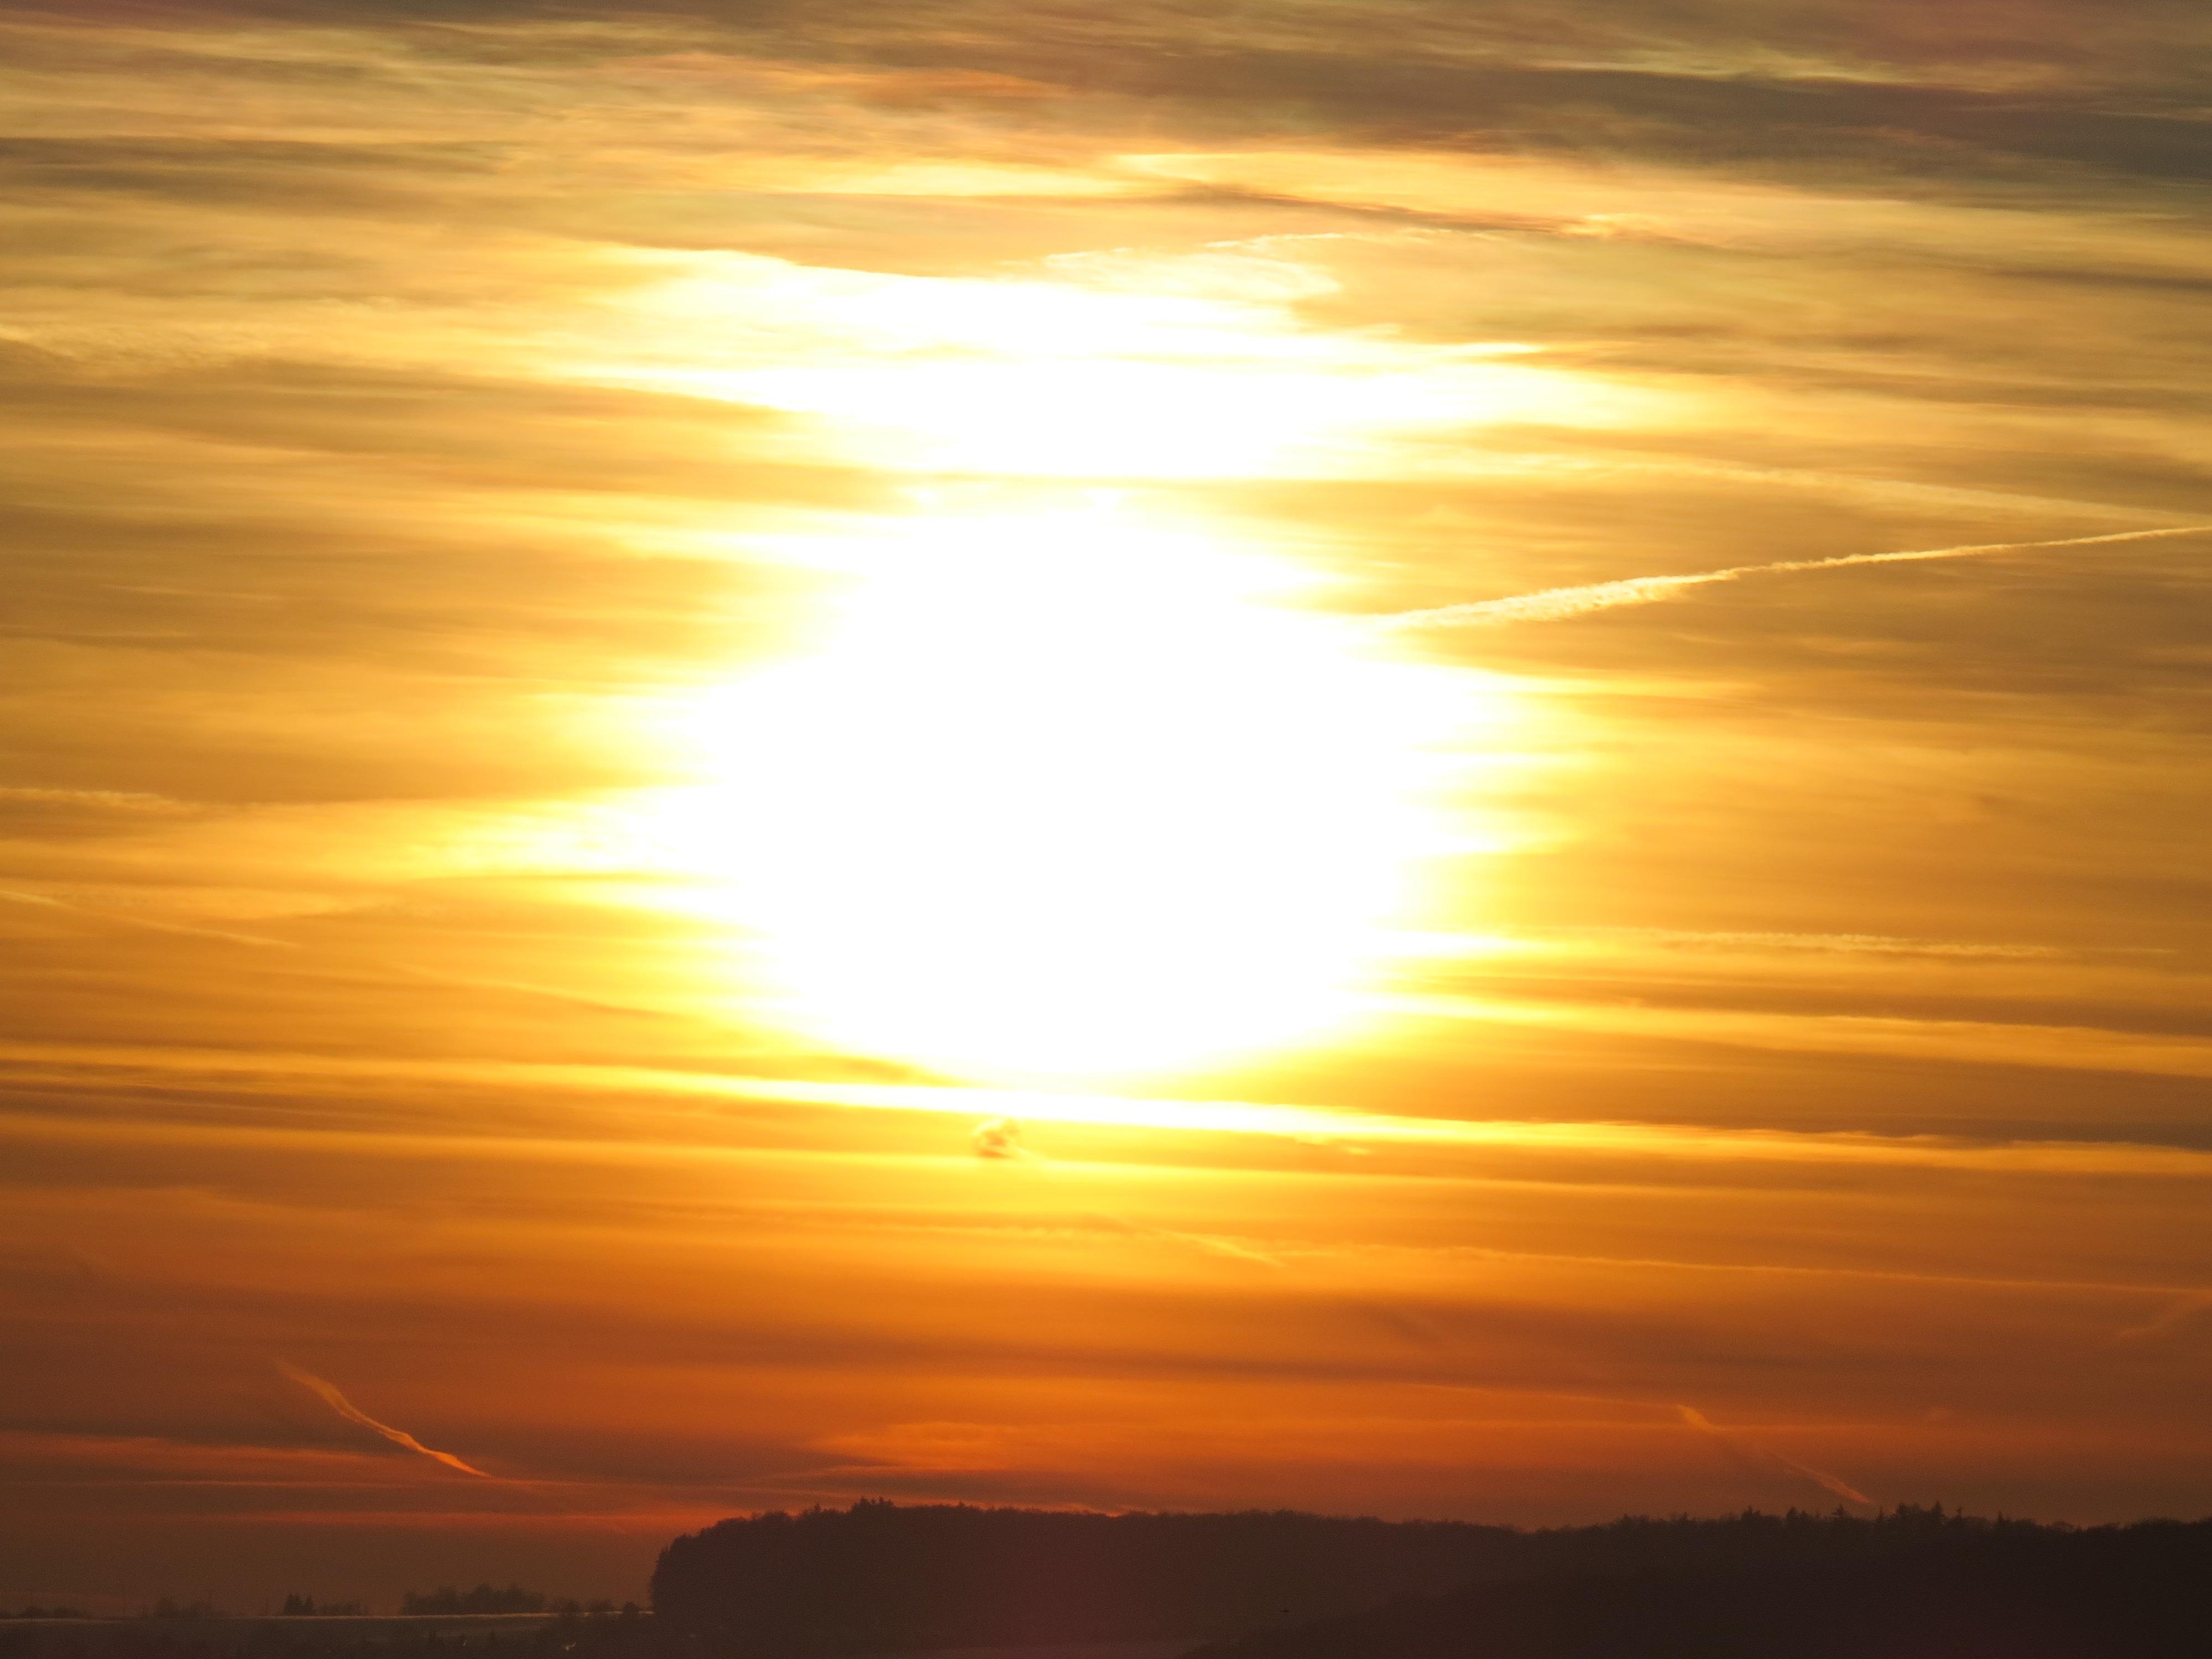 картинки восходящее солнце с лучами ничего, если полностью